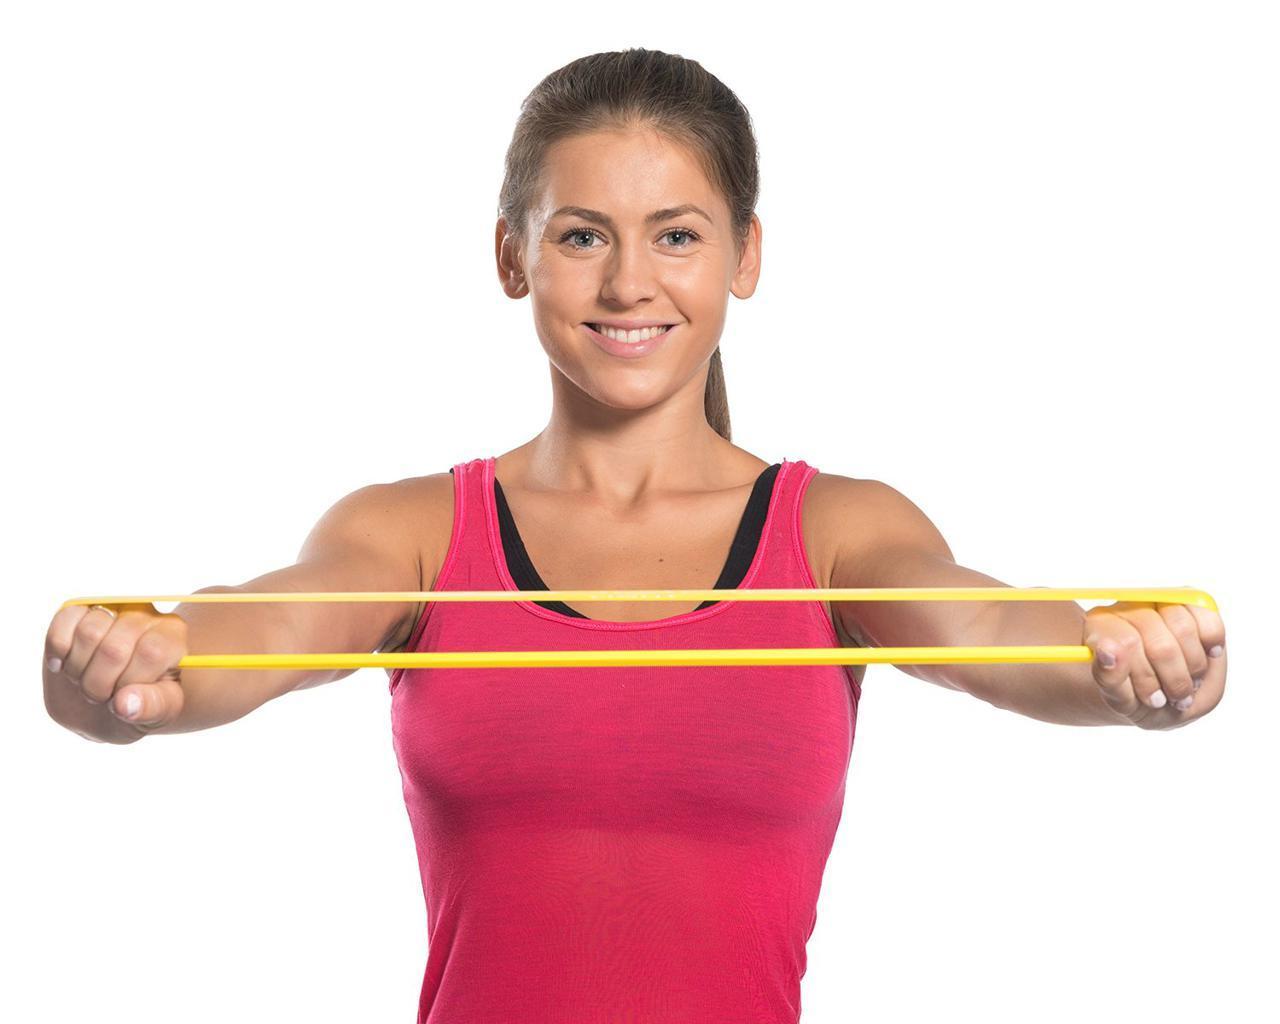 Резинка для фитнеса и спорта (лента эспандер) эластичная (FI-6410-V), фото 1